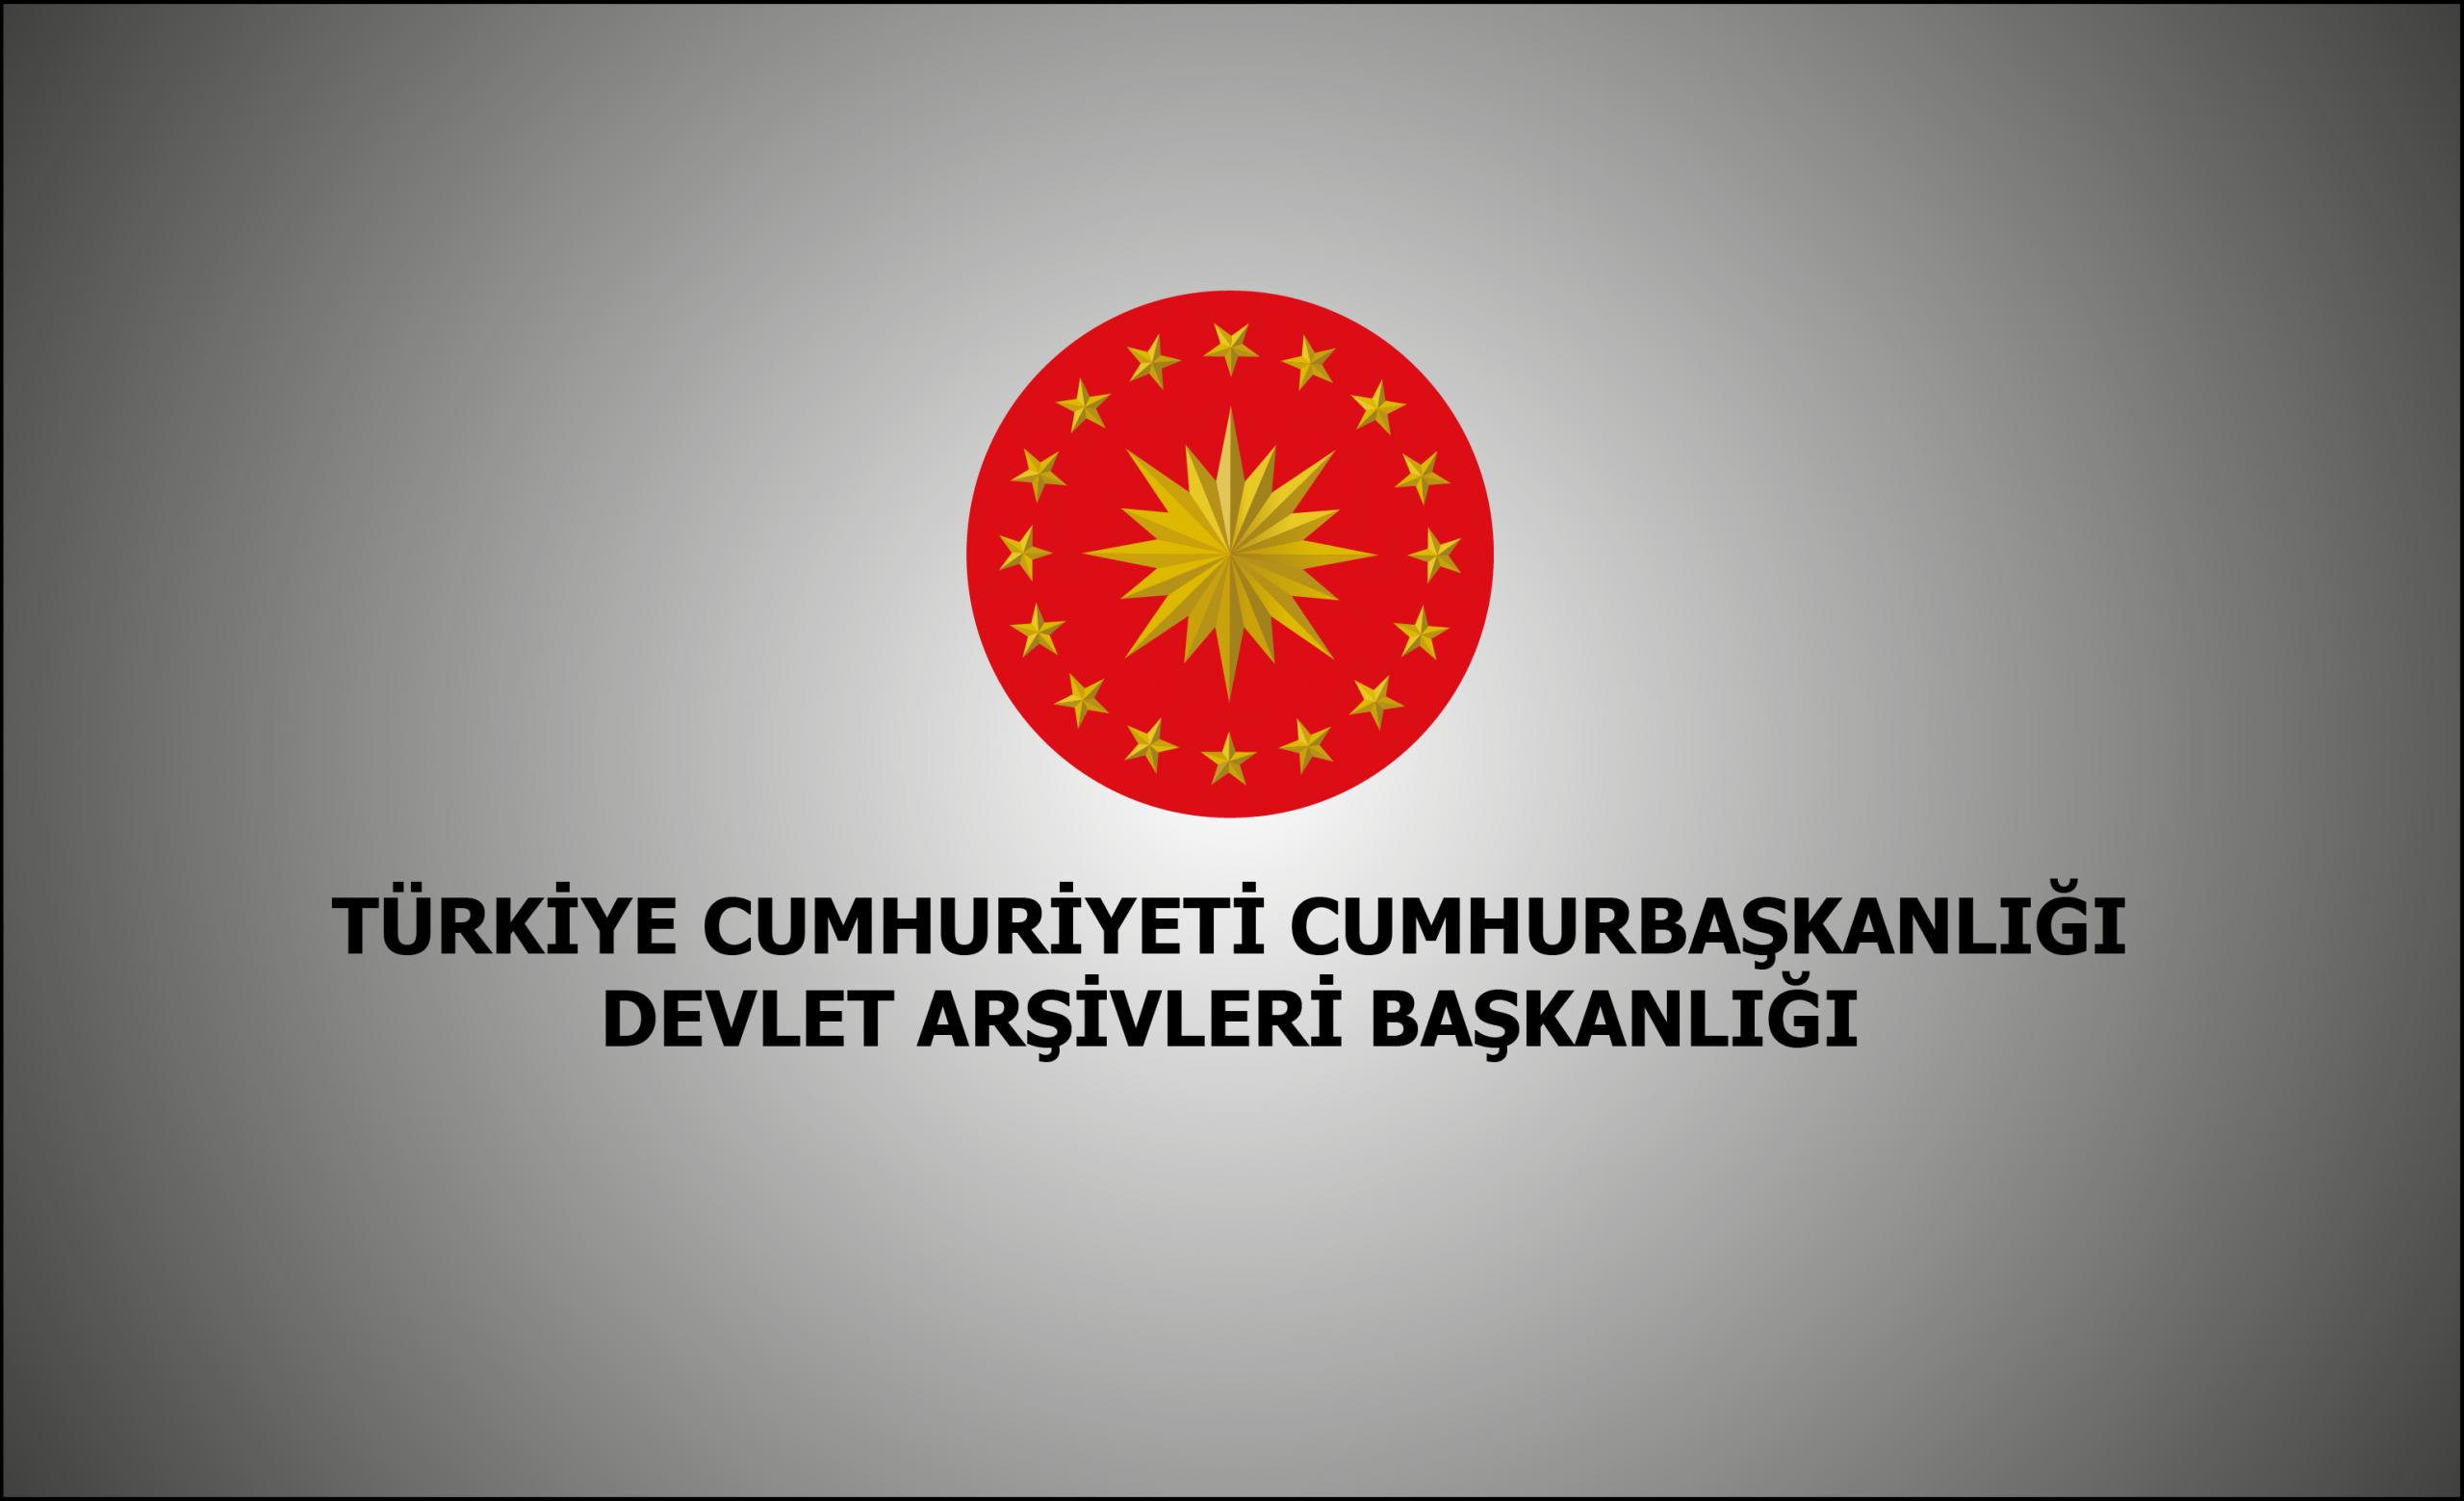 Cumhurbaşkanlığı Devlet Arşivleri Sözleşmeli Personel Alımı Yapılacaktır